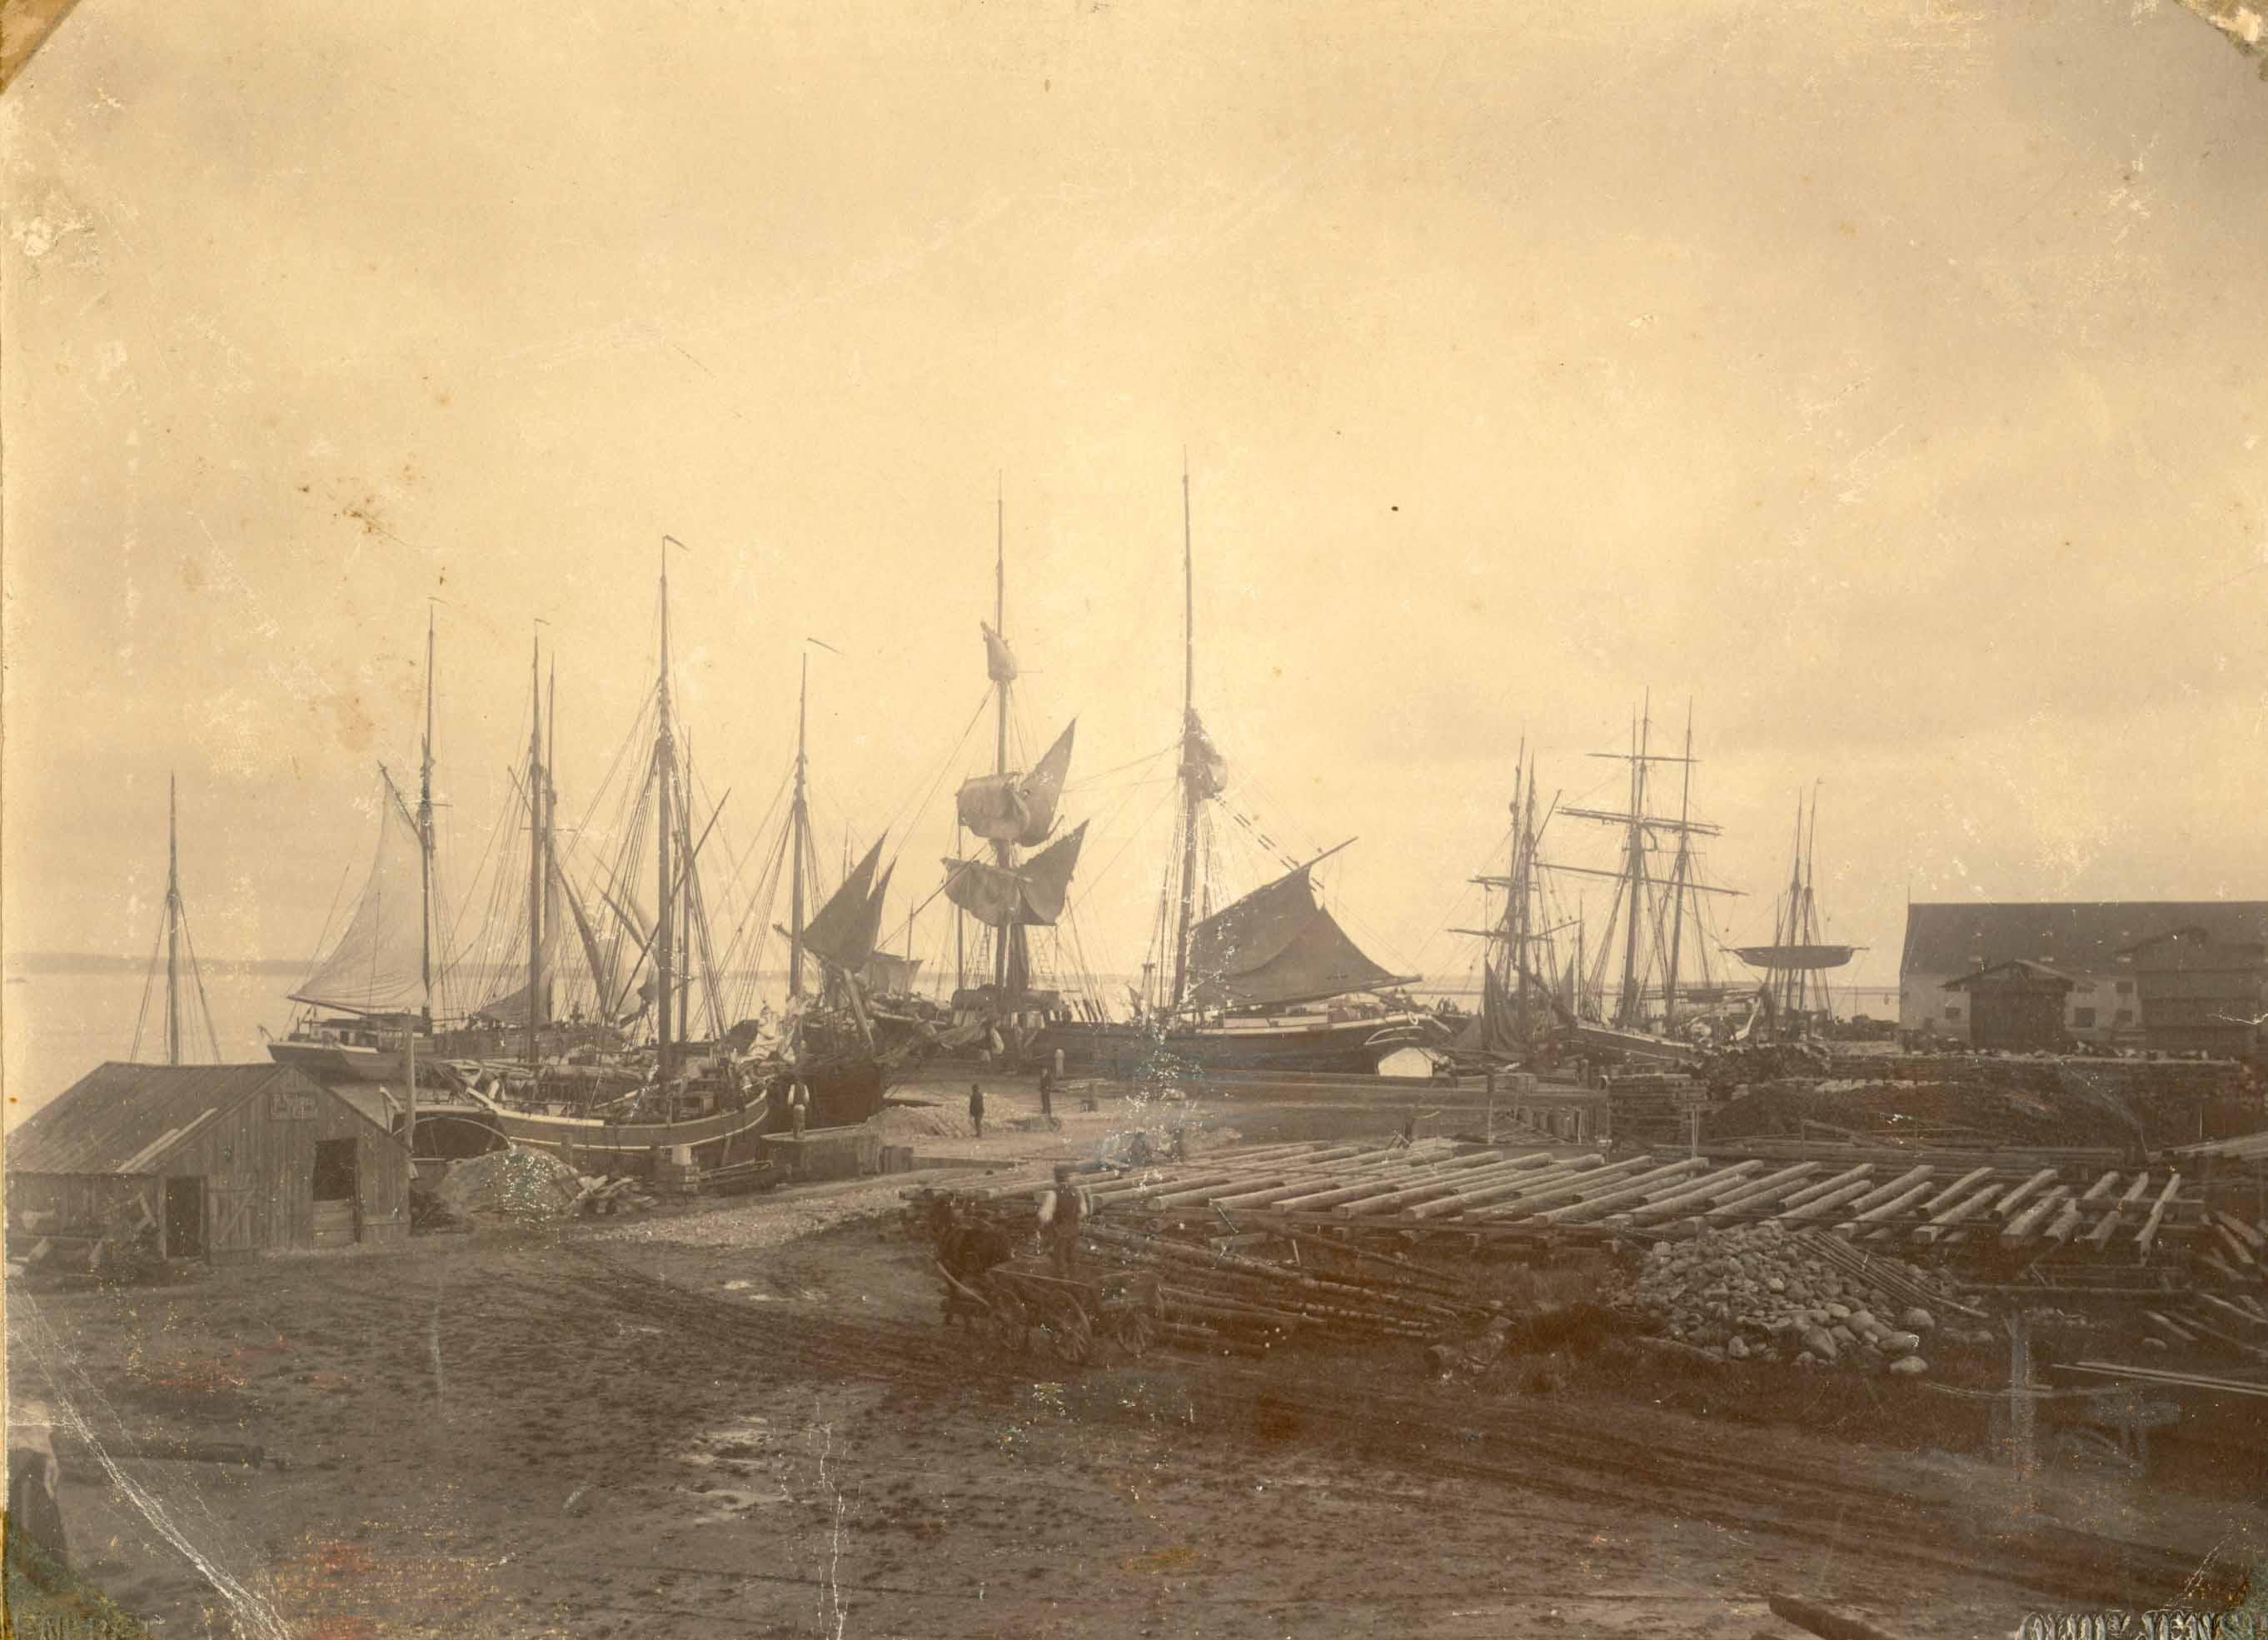 Præstø havn omkring 1875